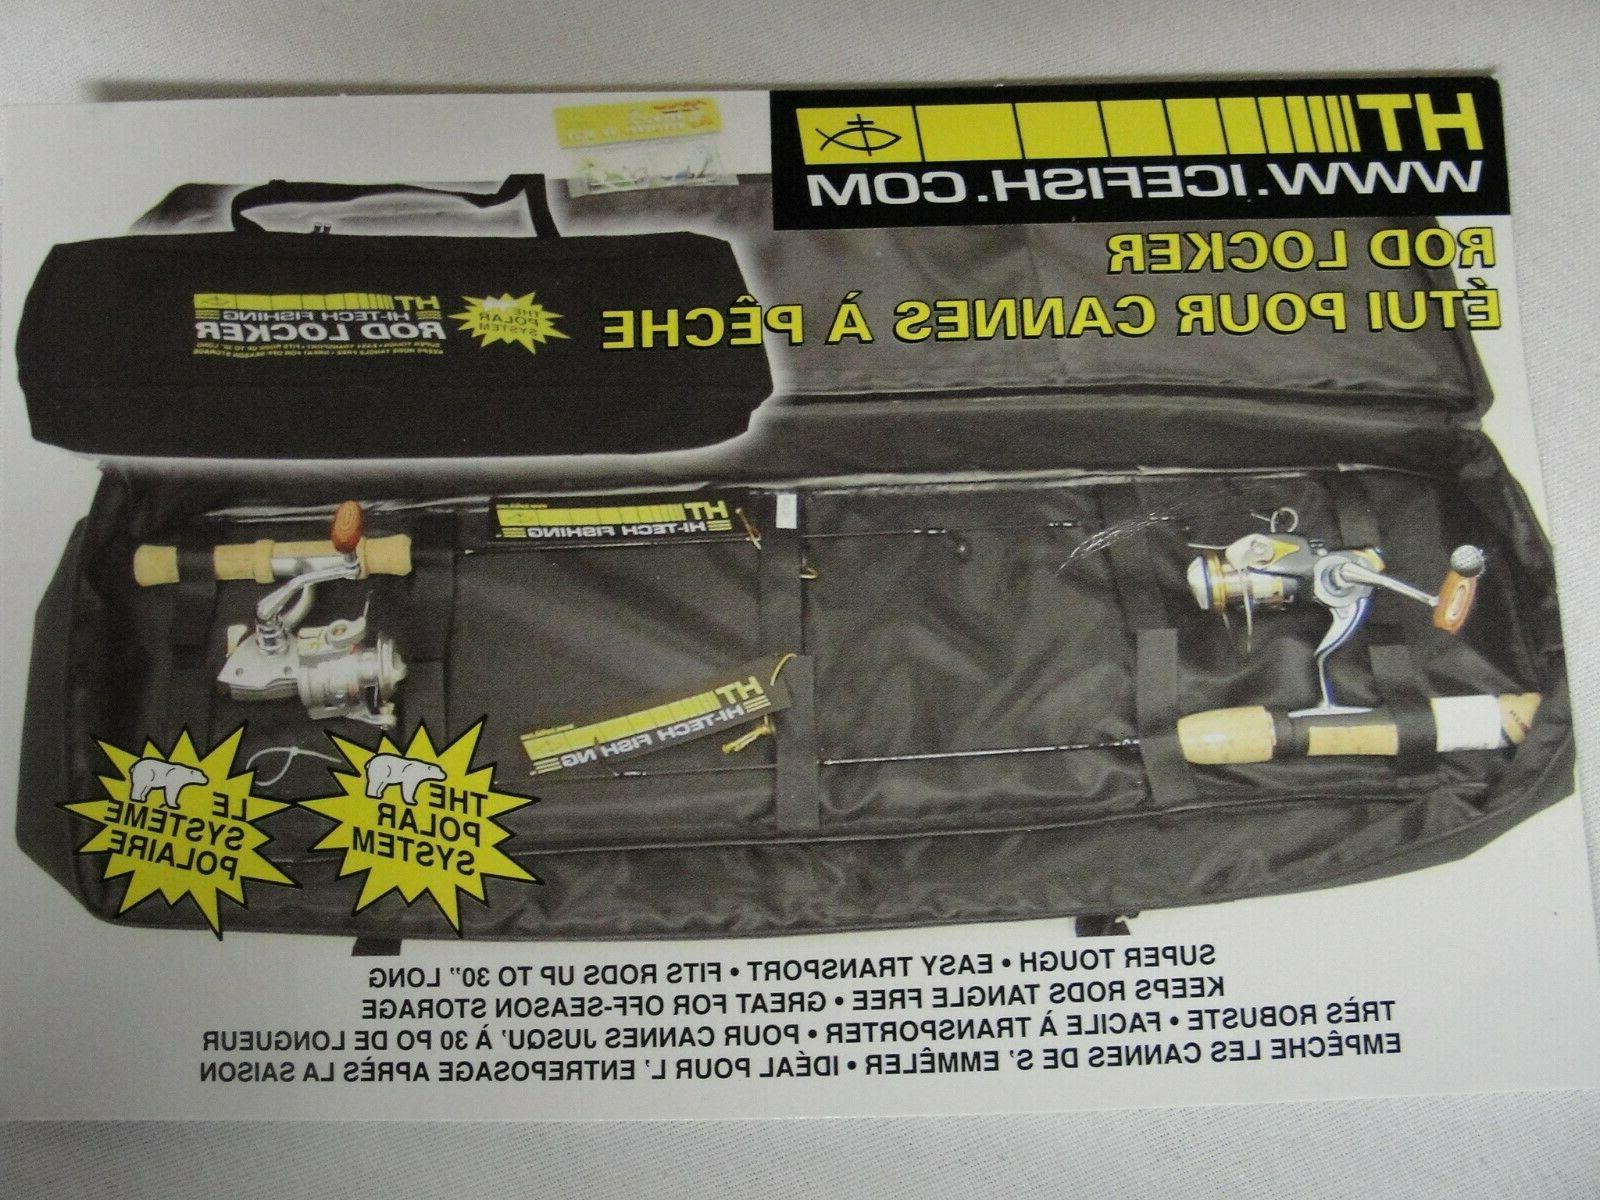 A Rod Locker Rod & Reel Carry Case Holds 2 Ice Rod & Reel Co